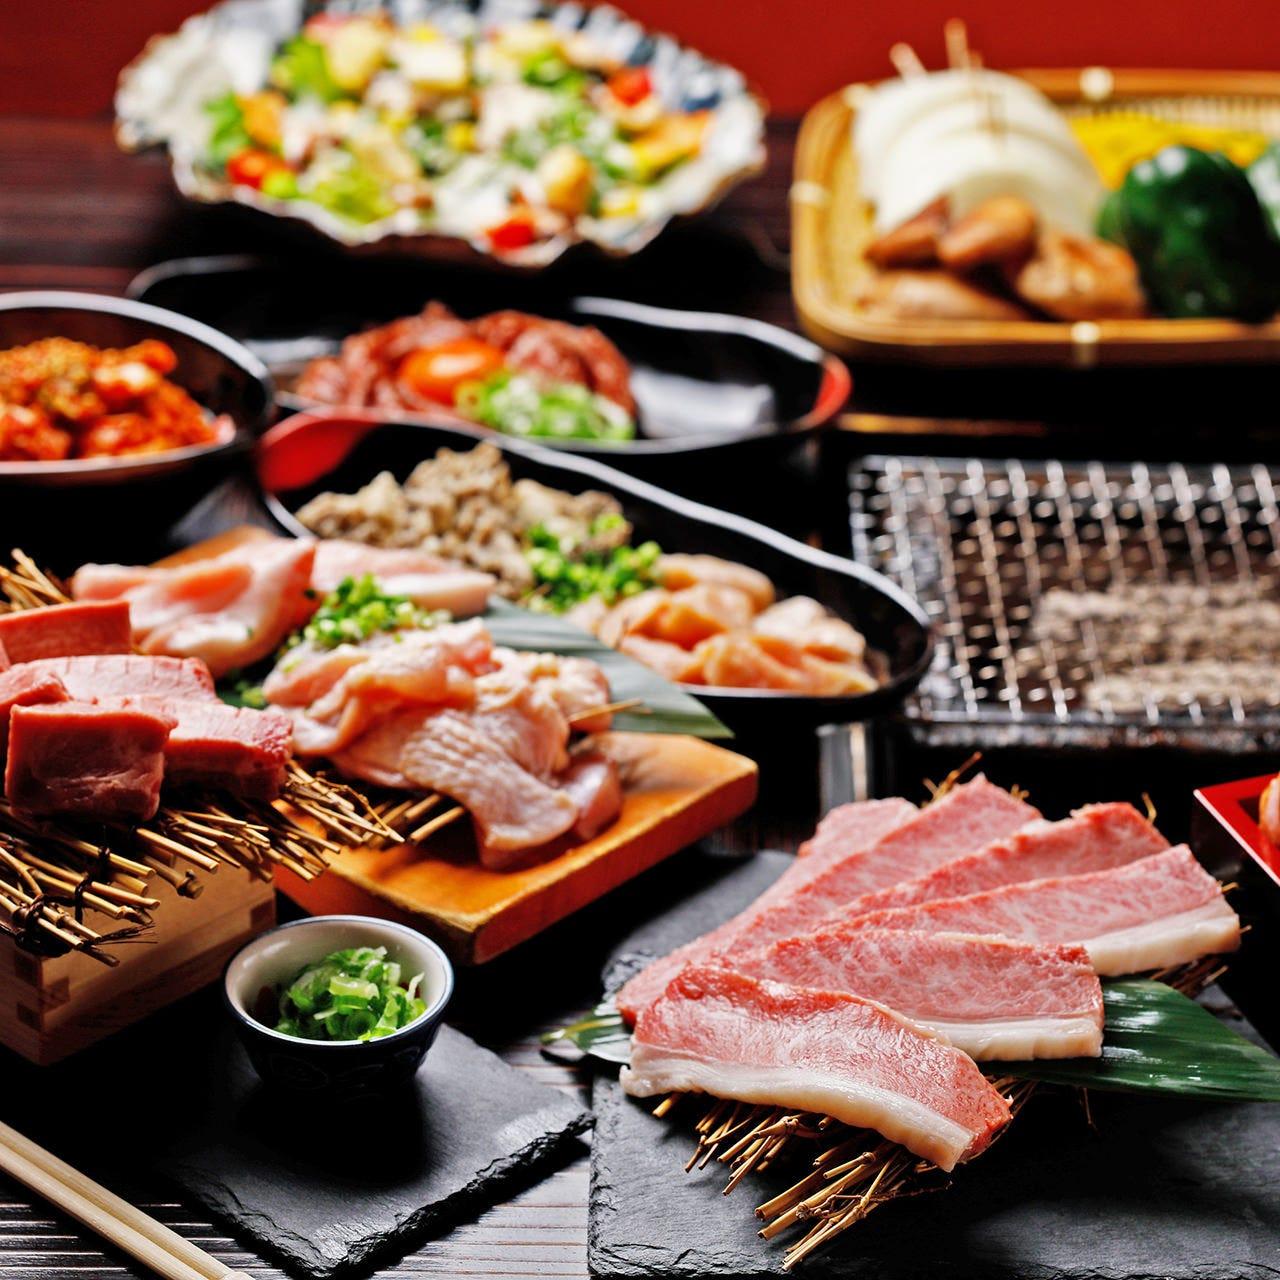 前菜、焼肉、〆のラーメンまで楽しめる飲み放題付コース